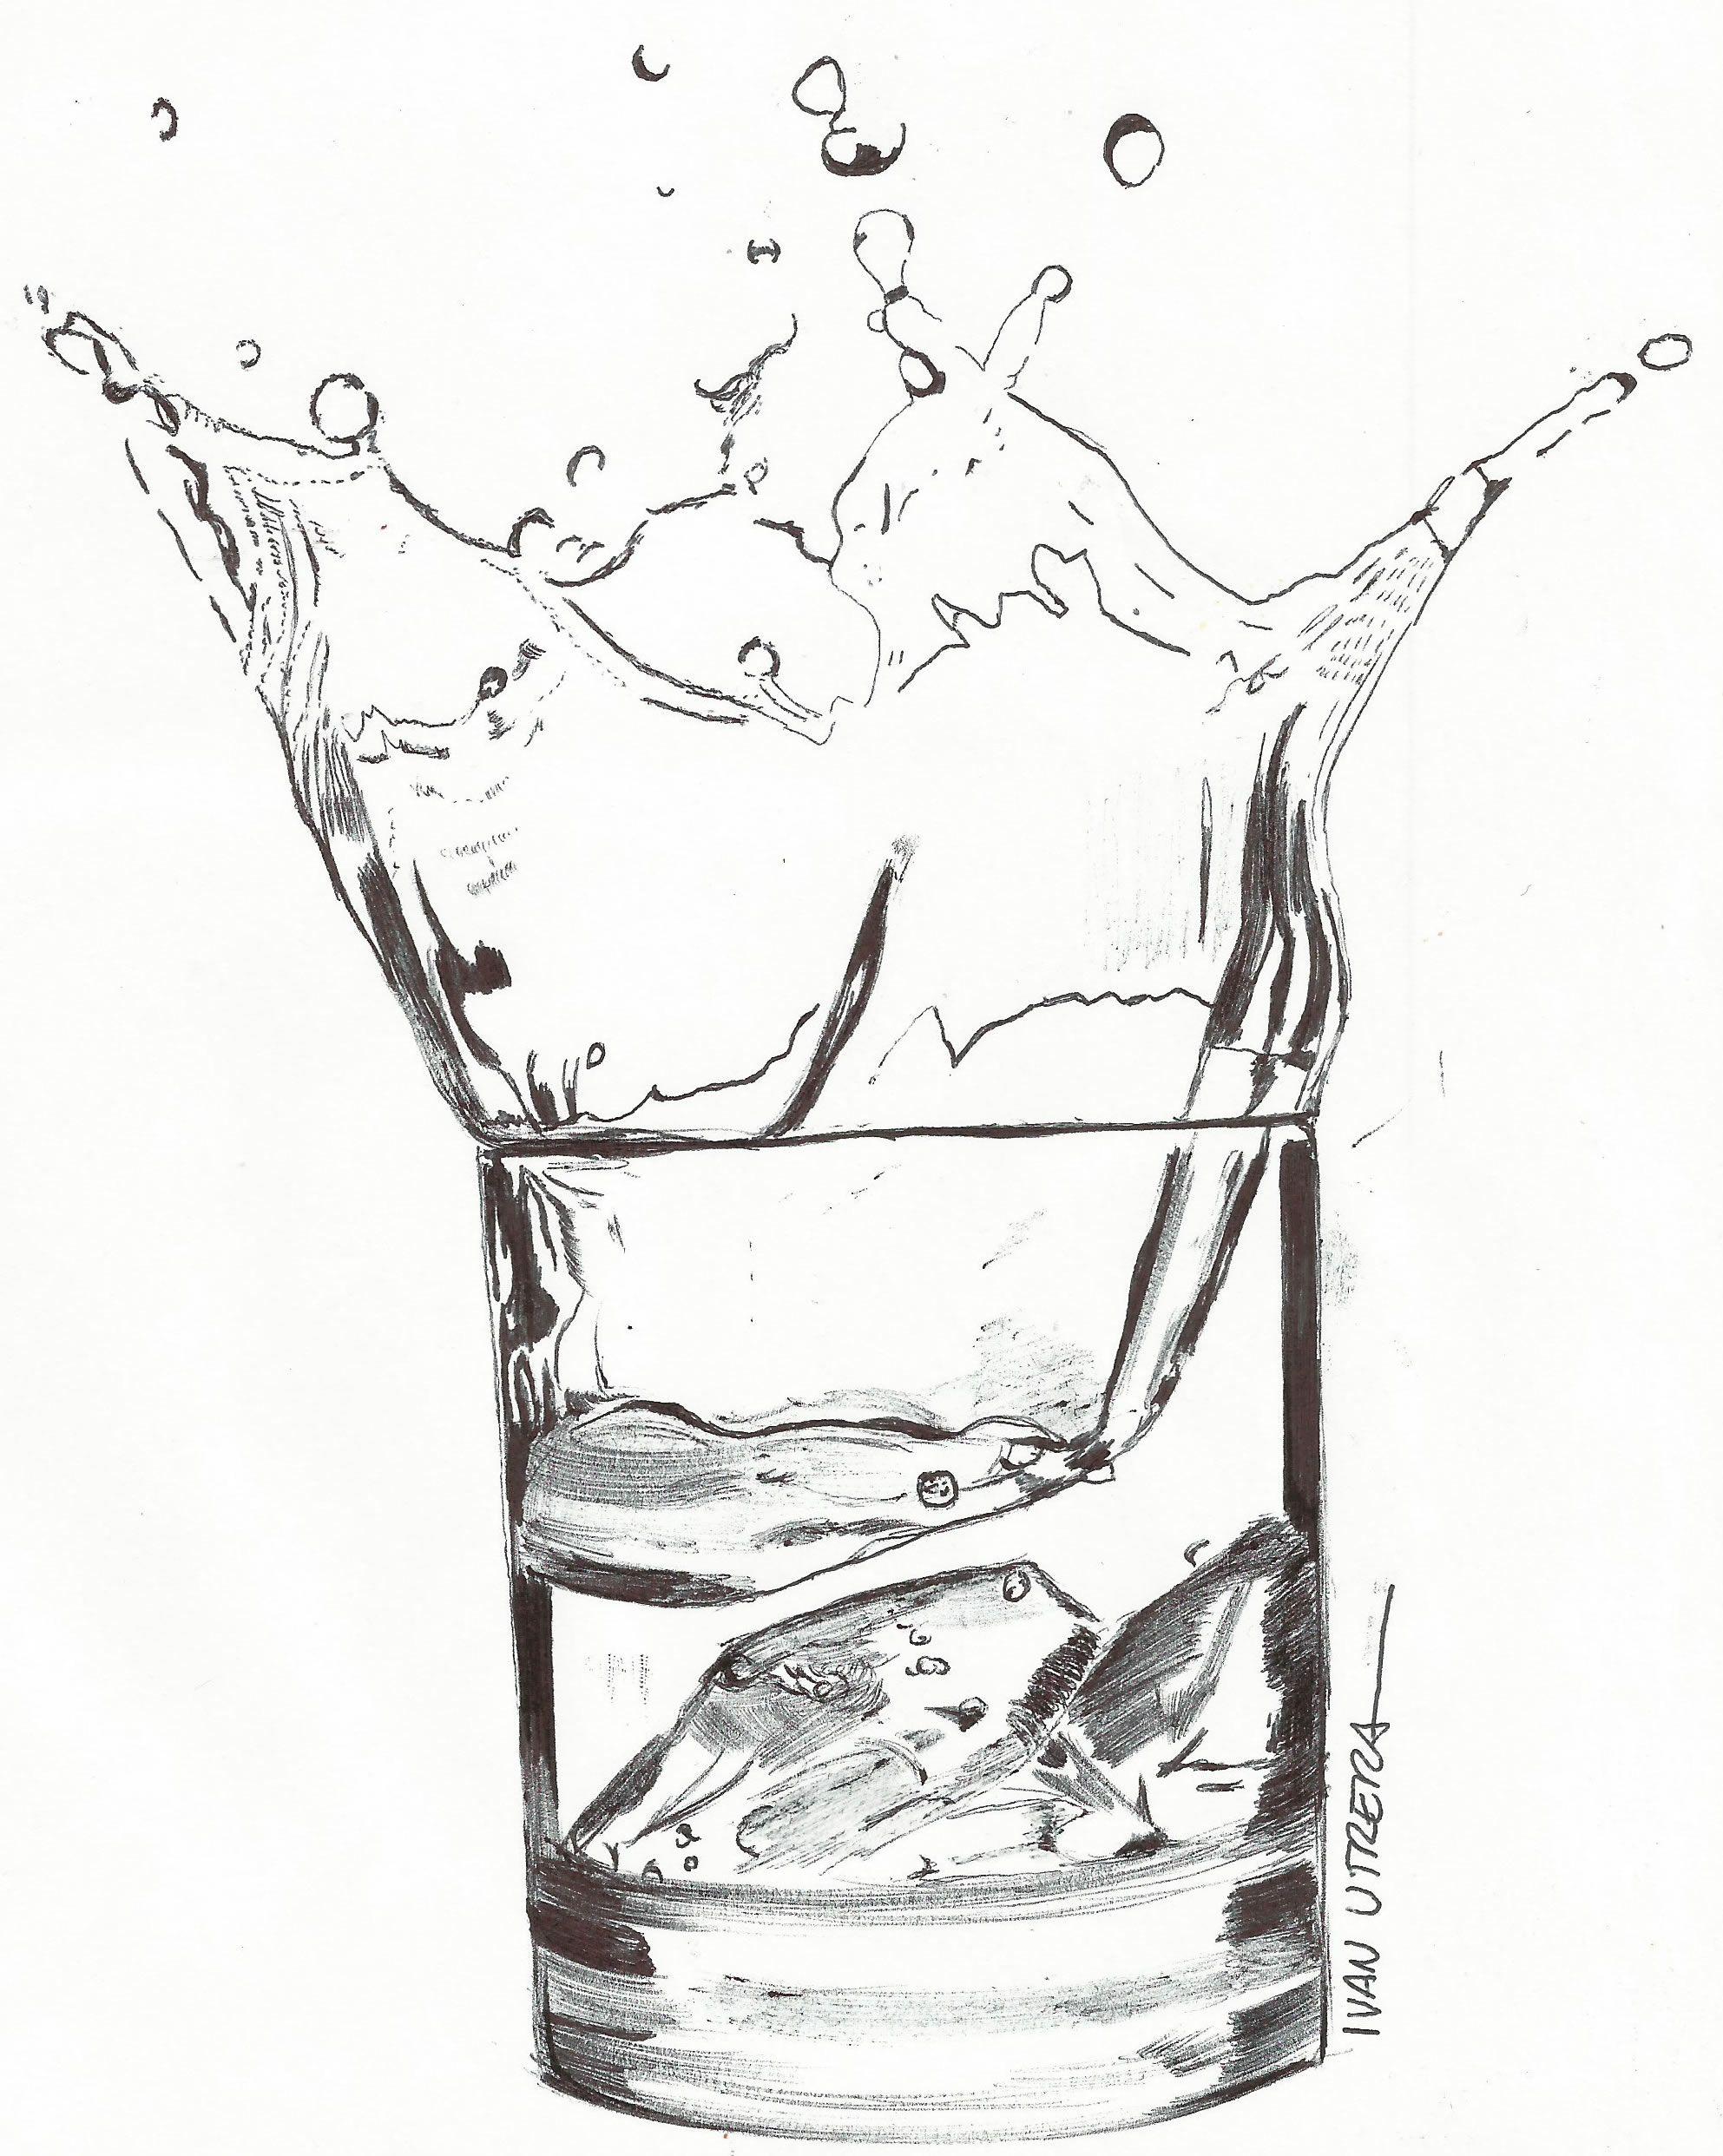 Dibujo Vaso Con Agua Dibujos Dibujos A Lapicero Vaso Dibujo